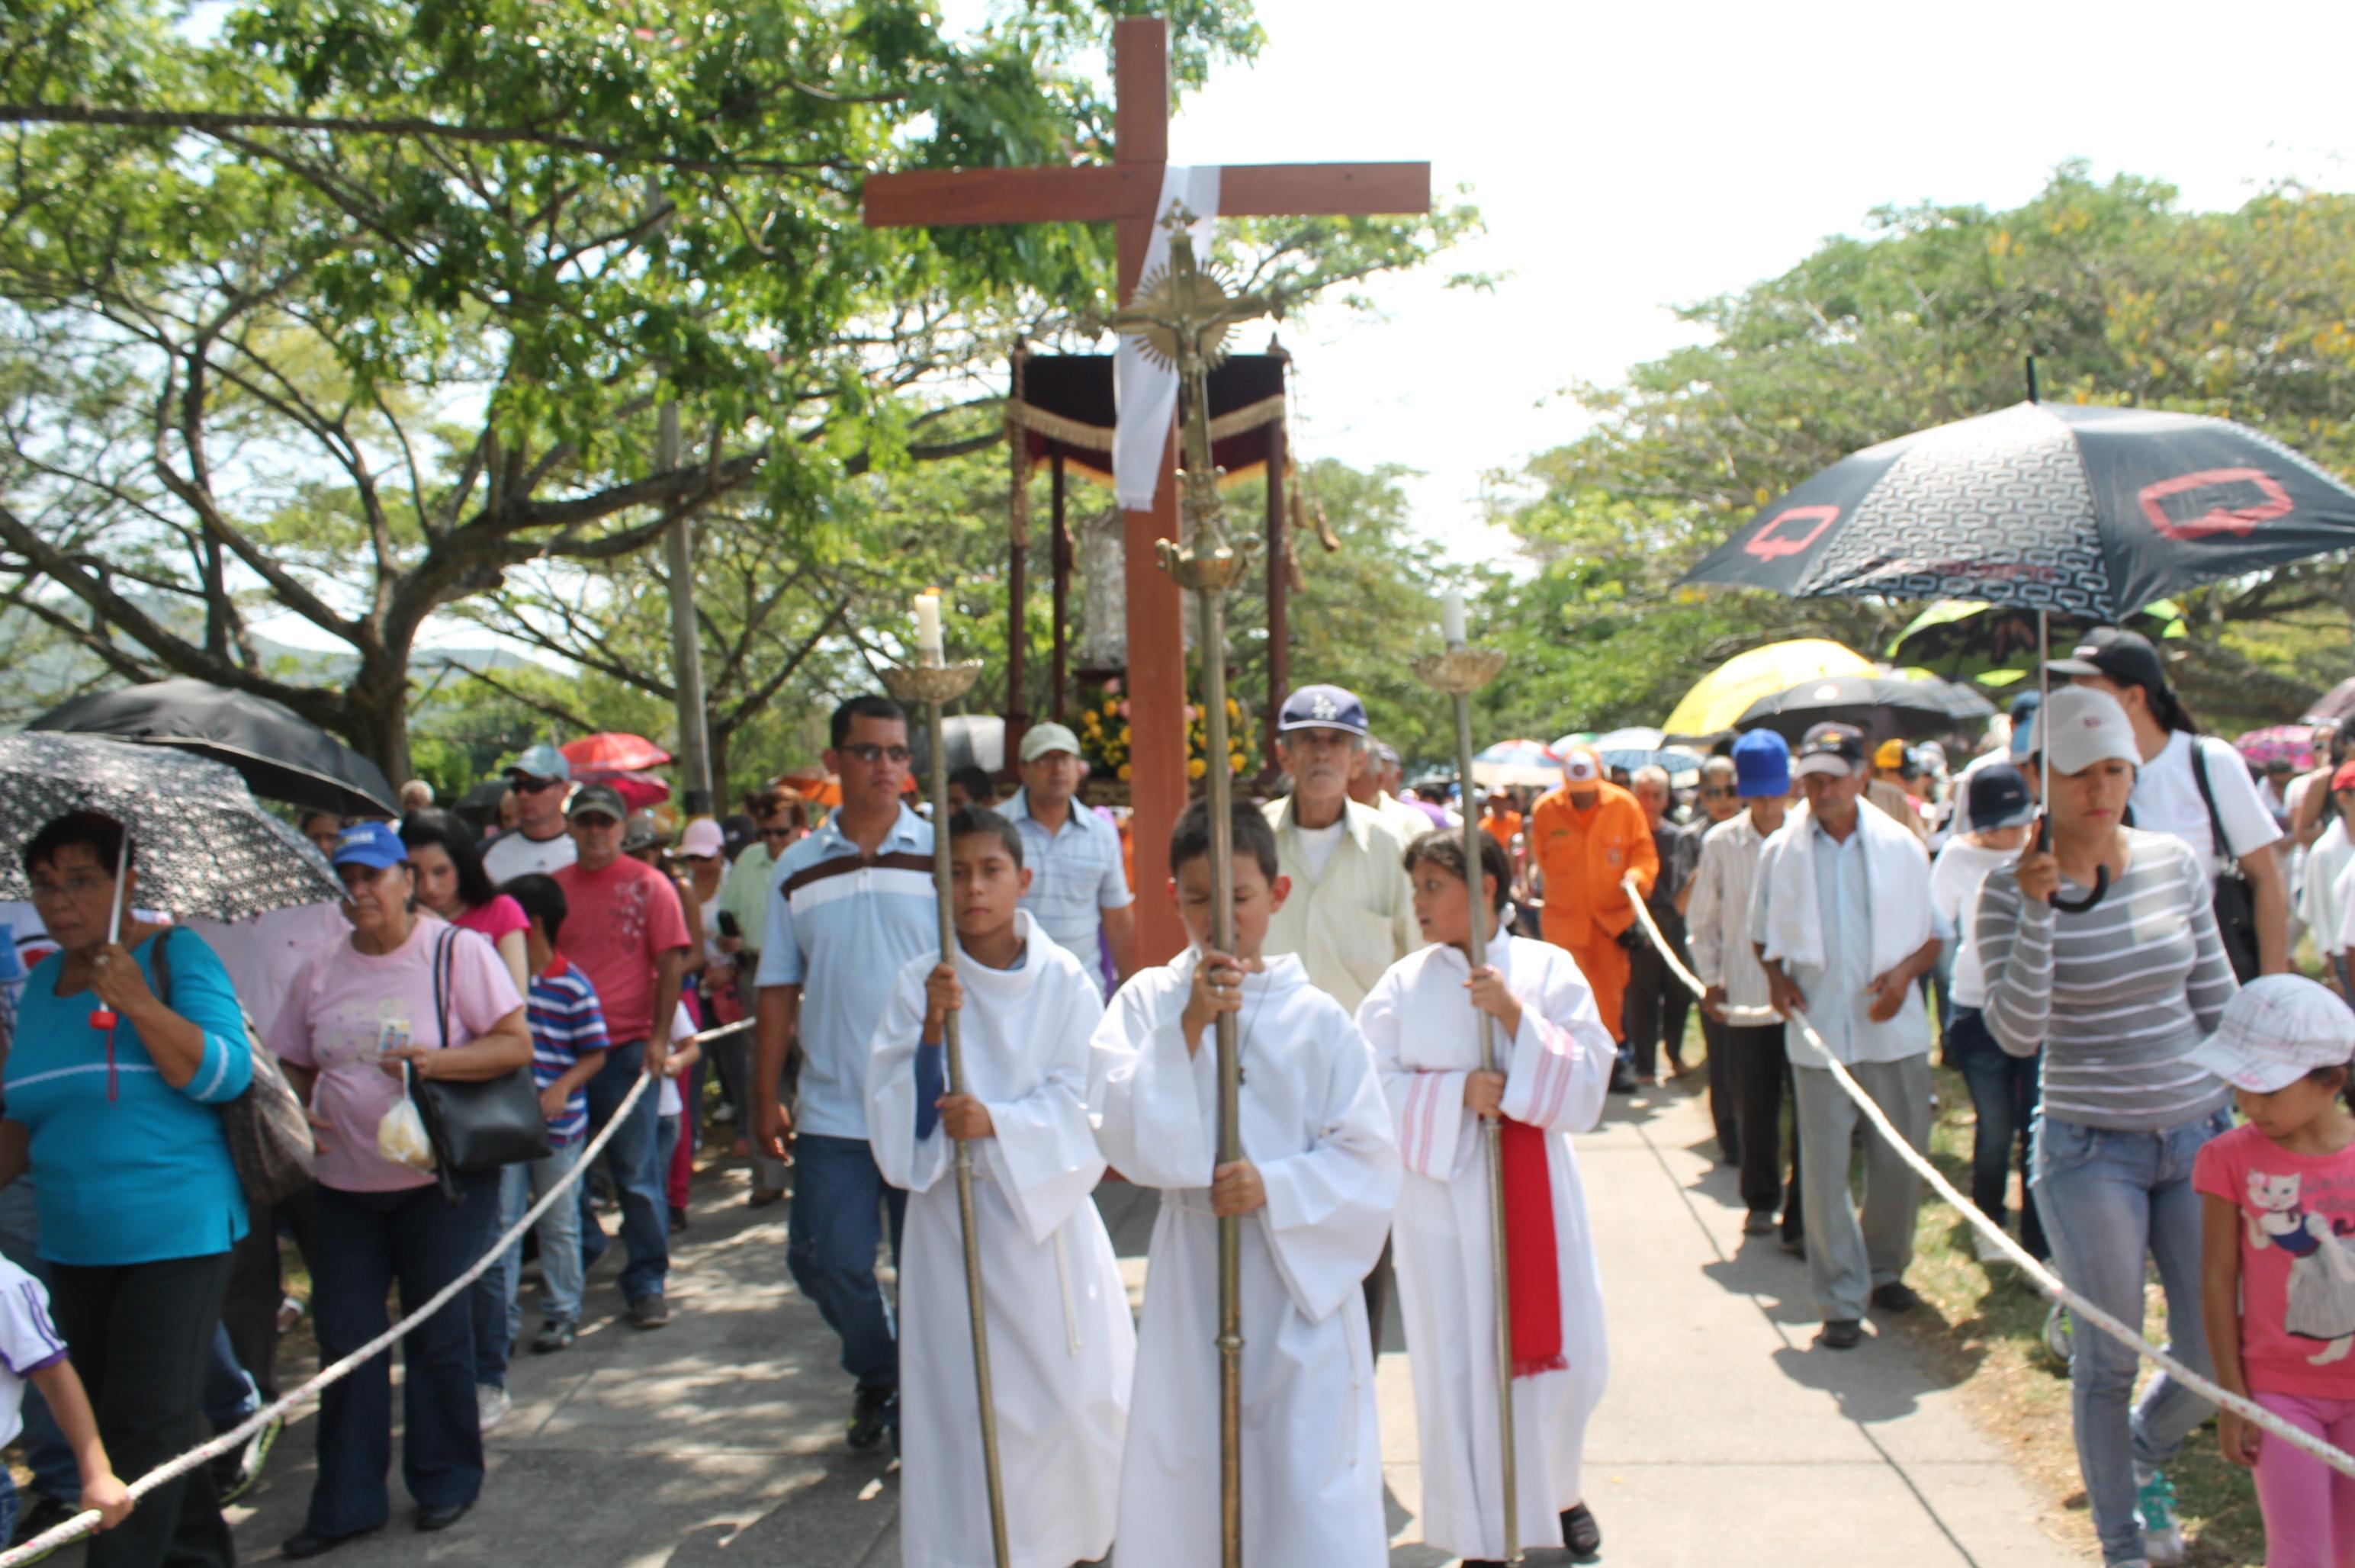 Ricaurte celebra sus tradicionales fiestas del Divino Ecce Homo